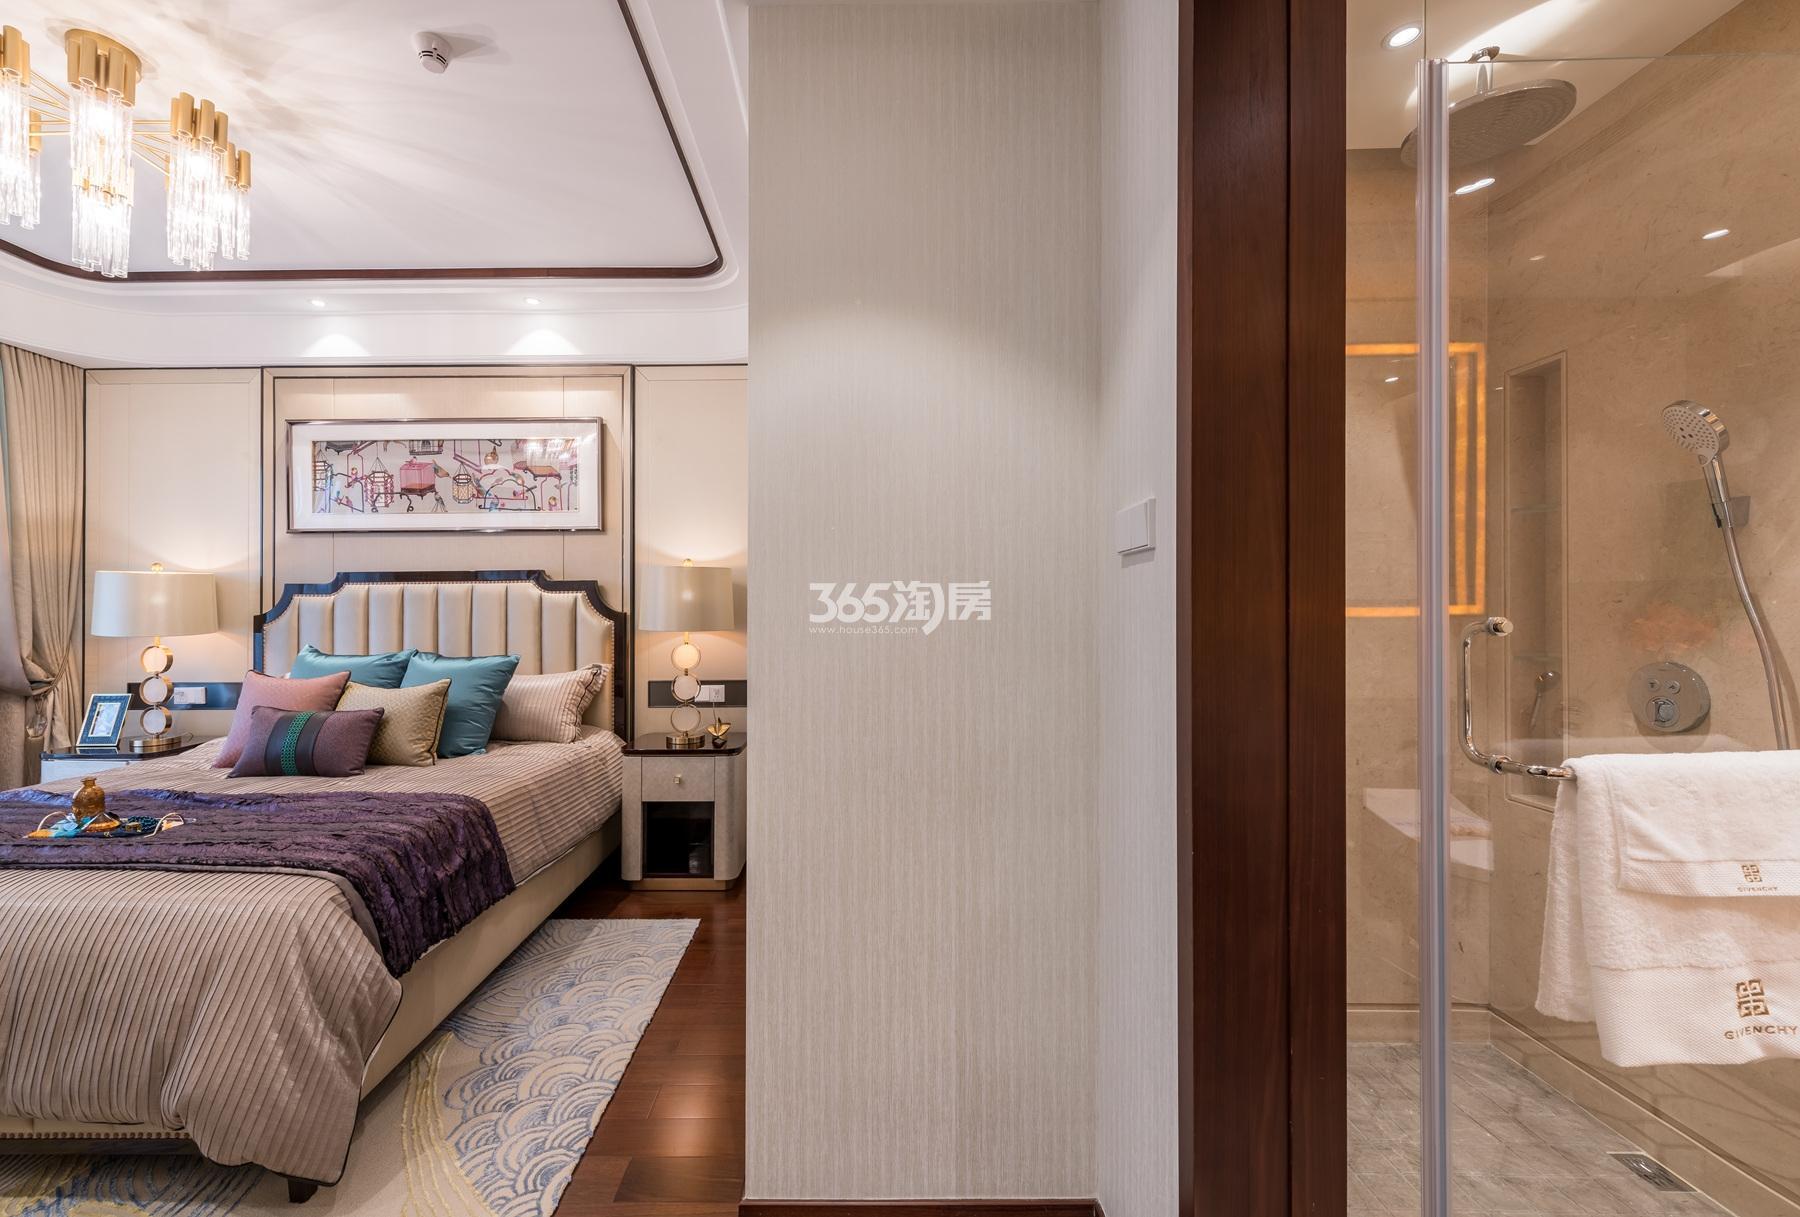 滨江保利翡翠海岸137方(B1户型)亚洲风格样板房---主卧